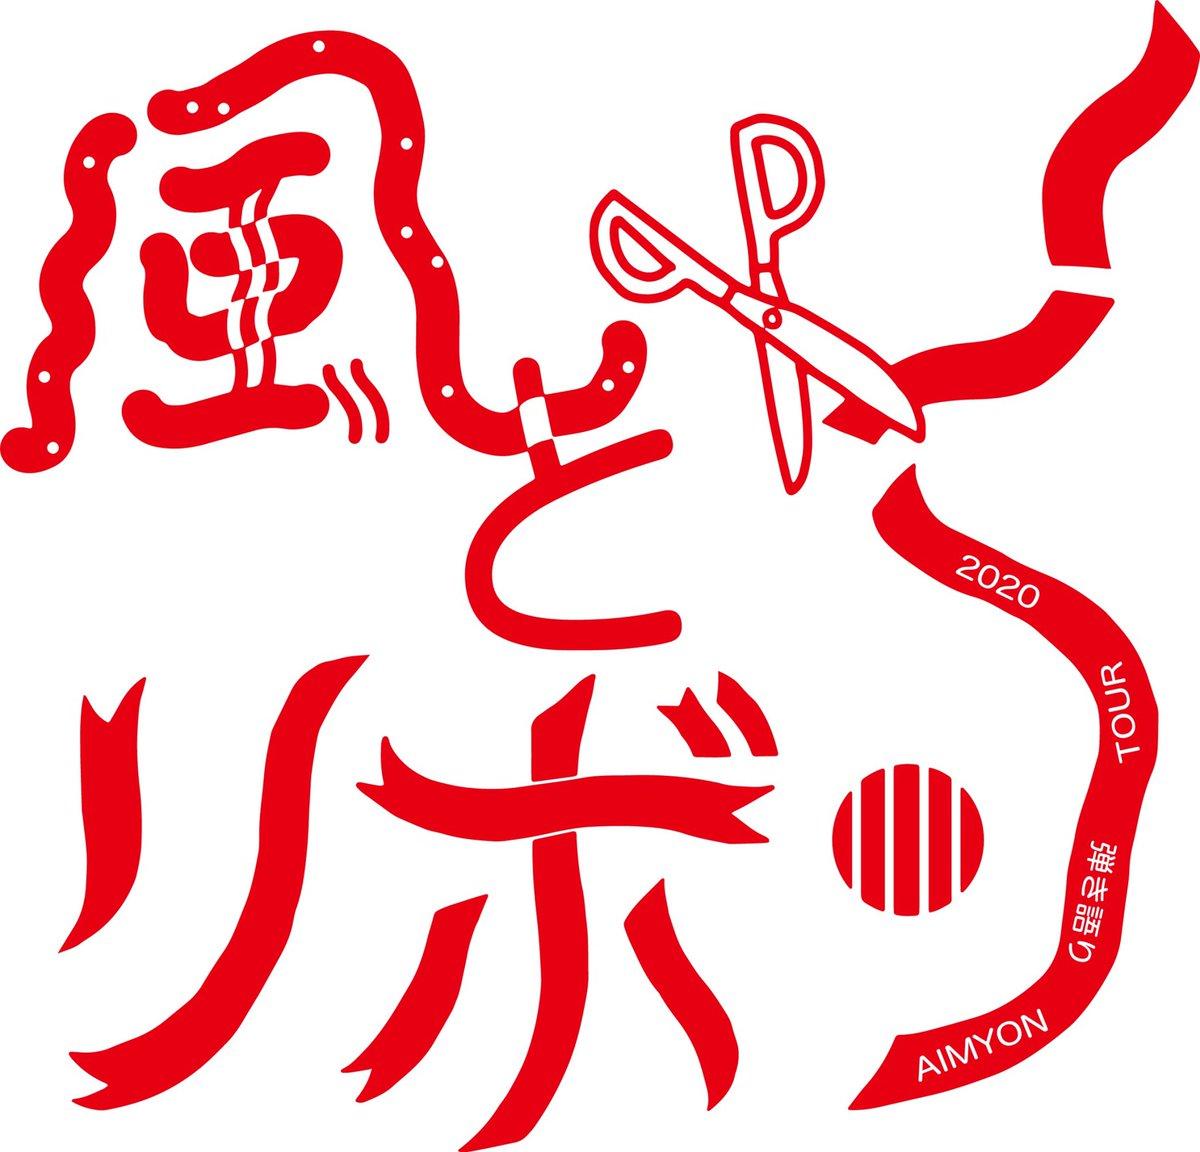 いつも可愛いロゴありがとうございます。赤にしました。